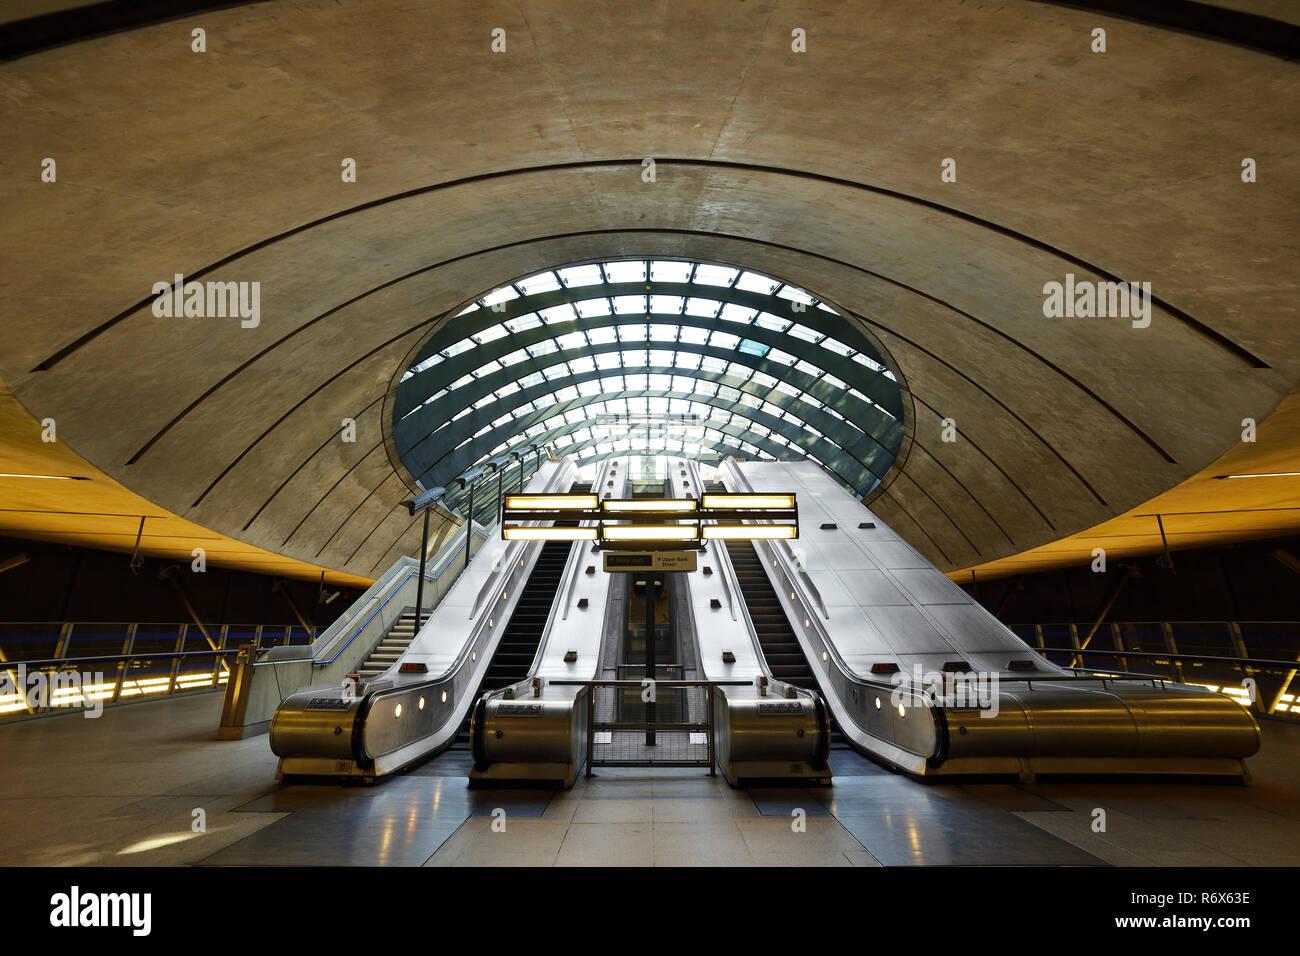 Canary Wharf Underground Station, East Entrance. London, United Kingdom - Stock Image